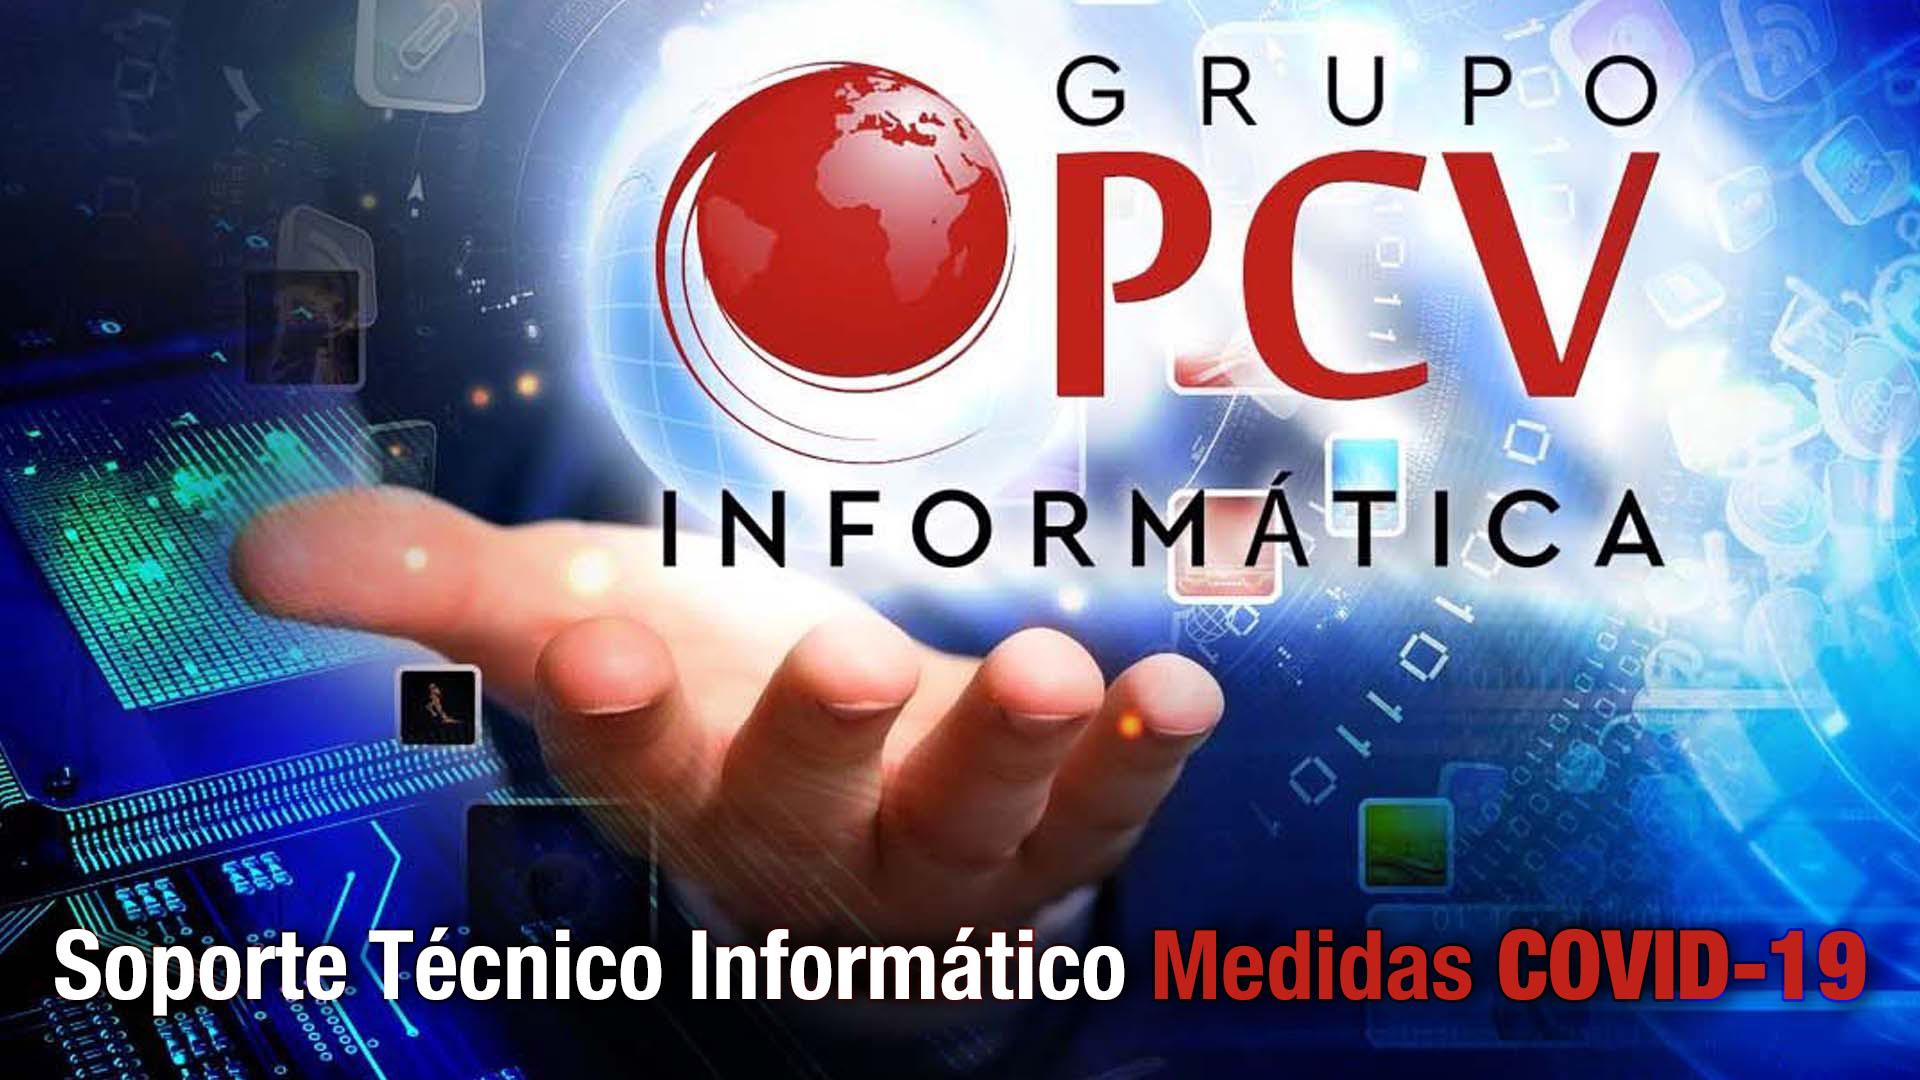 Soporte Técnico Informático Medidas COVID-19